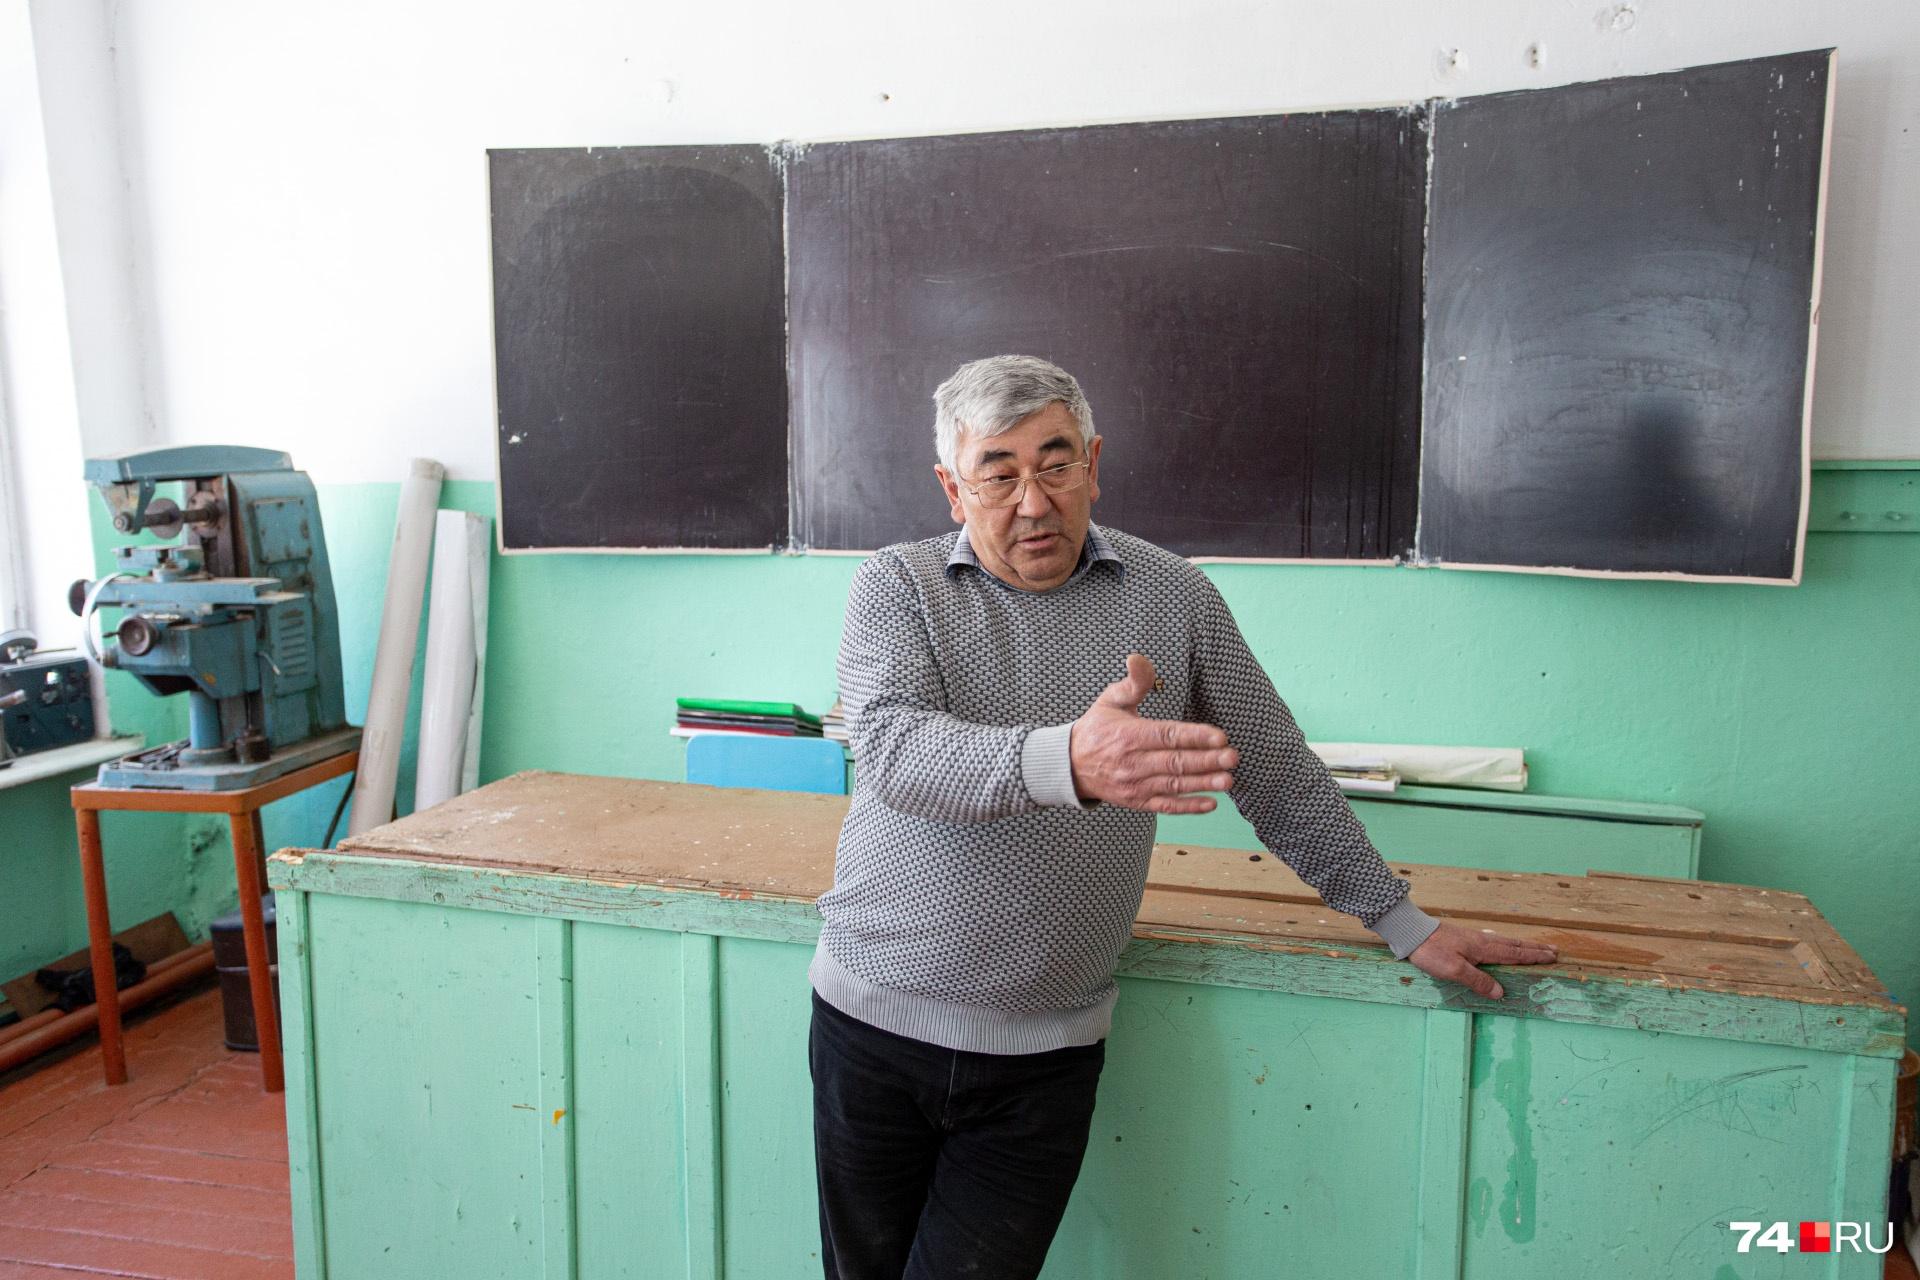 Оборудование в сельской школе старенькое